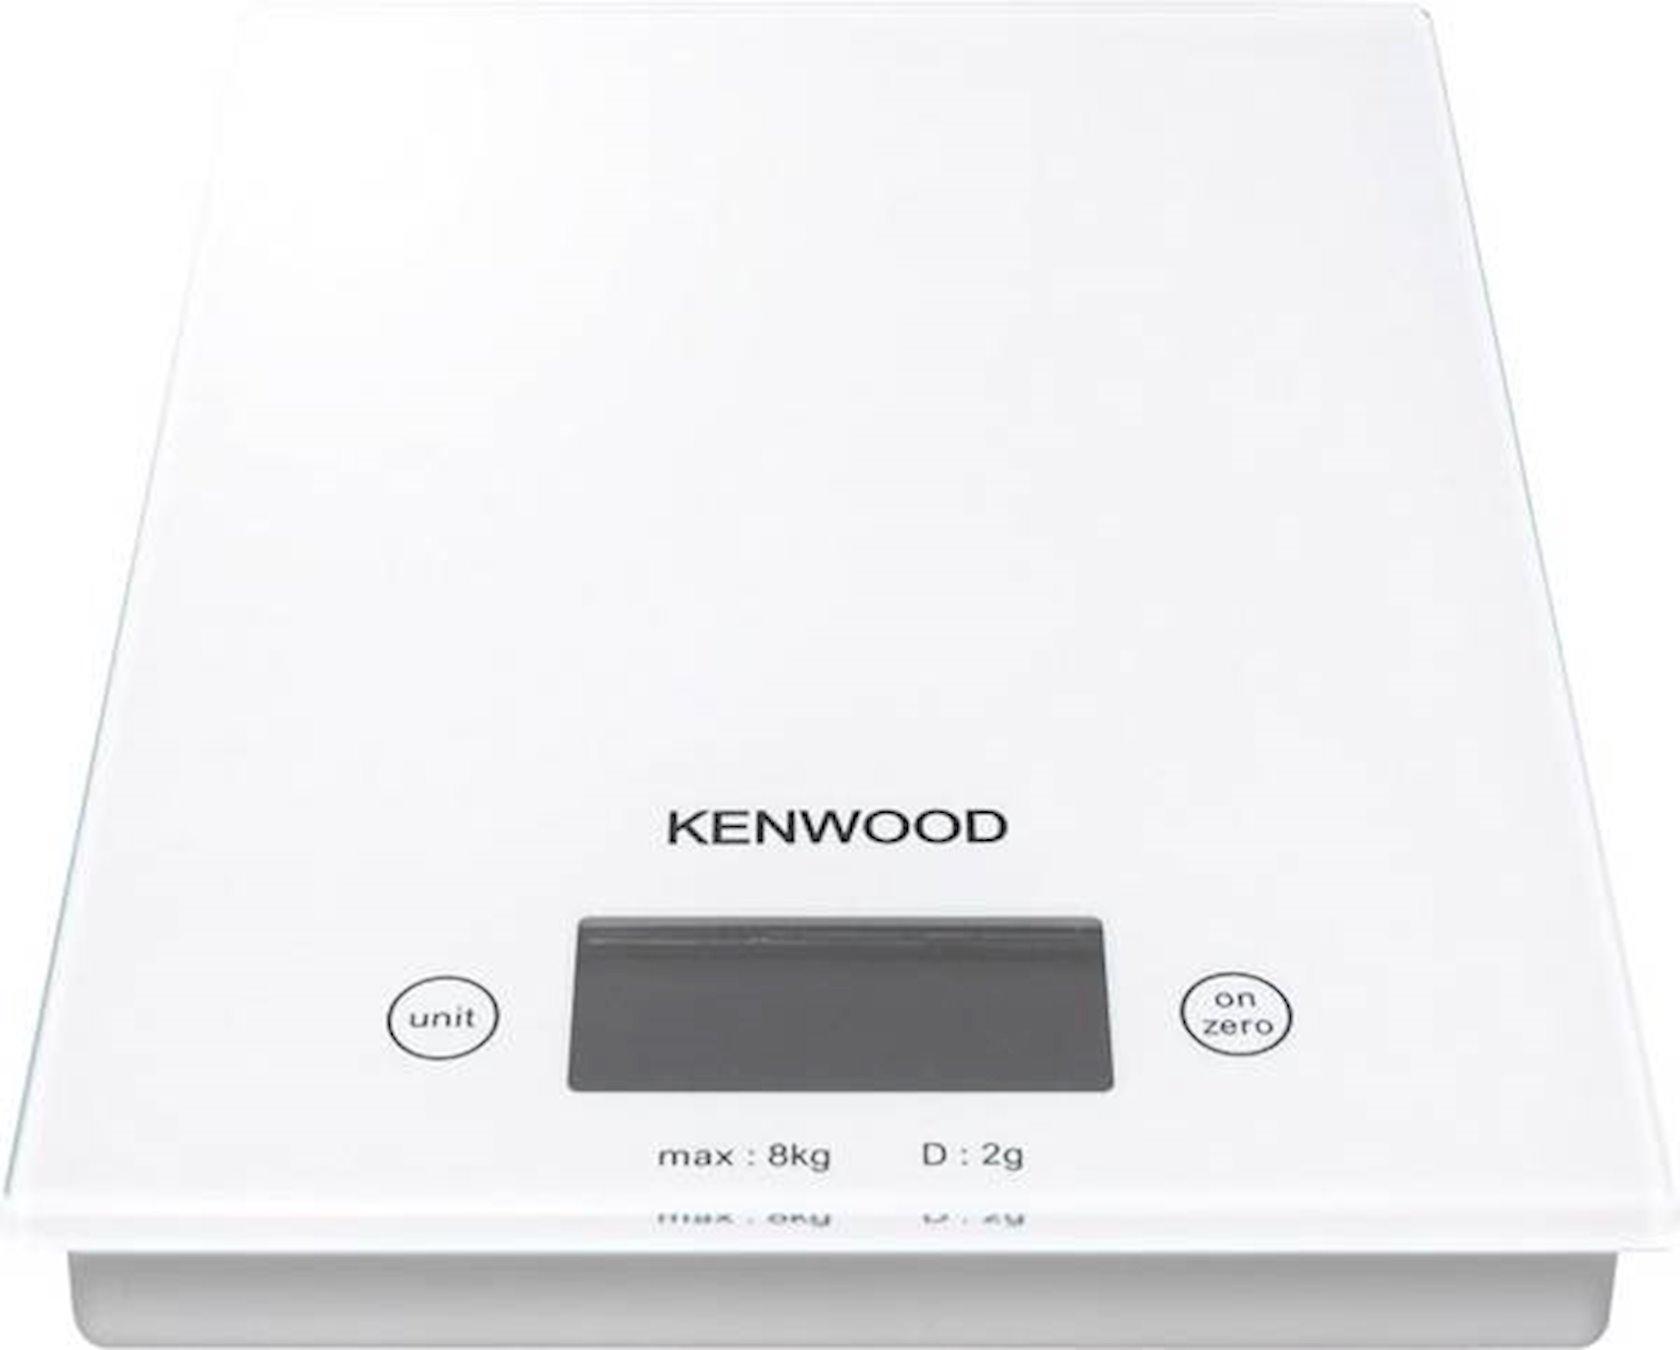 Mətbəx tərəzisi Kenwood DS 401